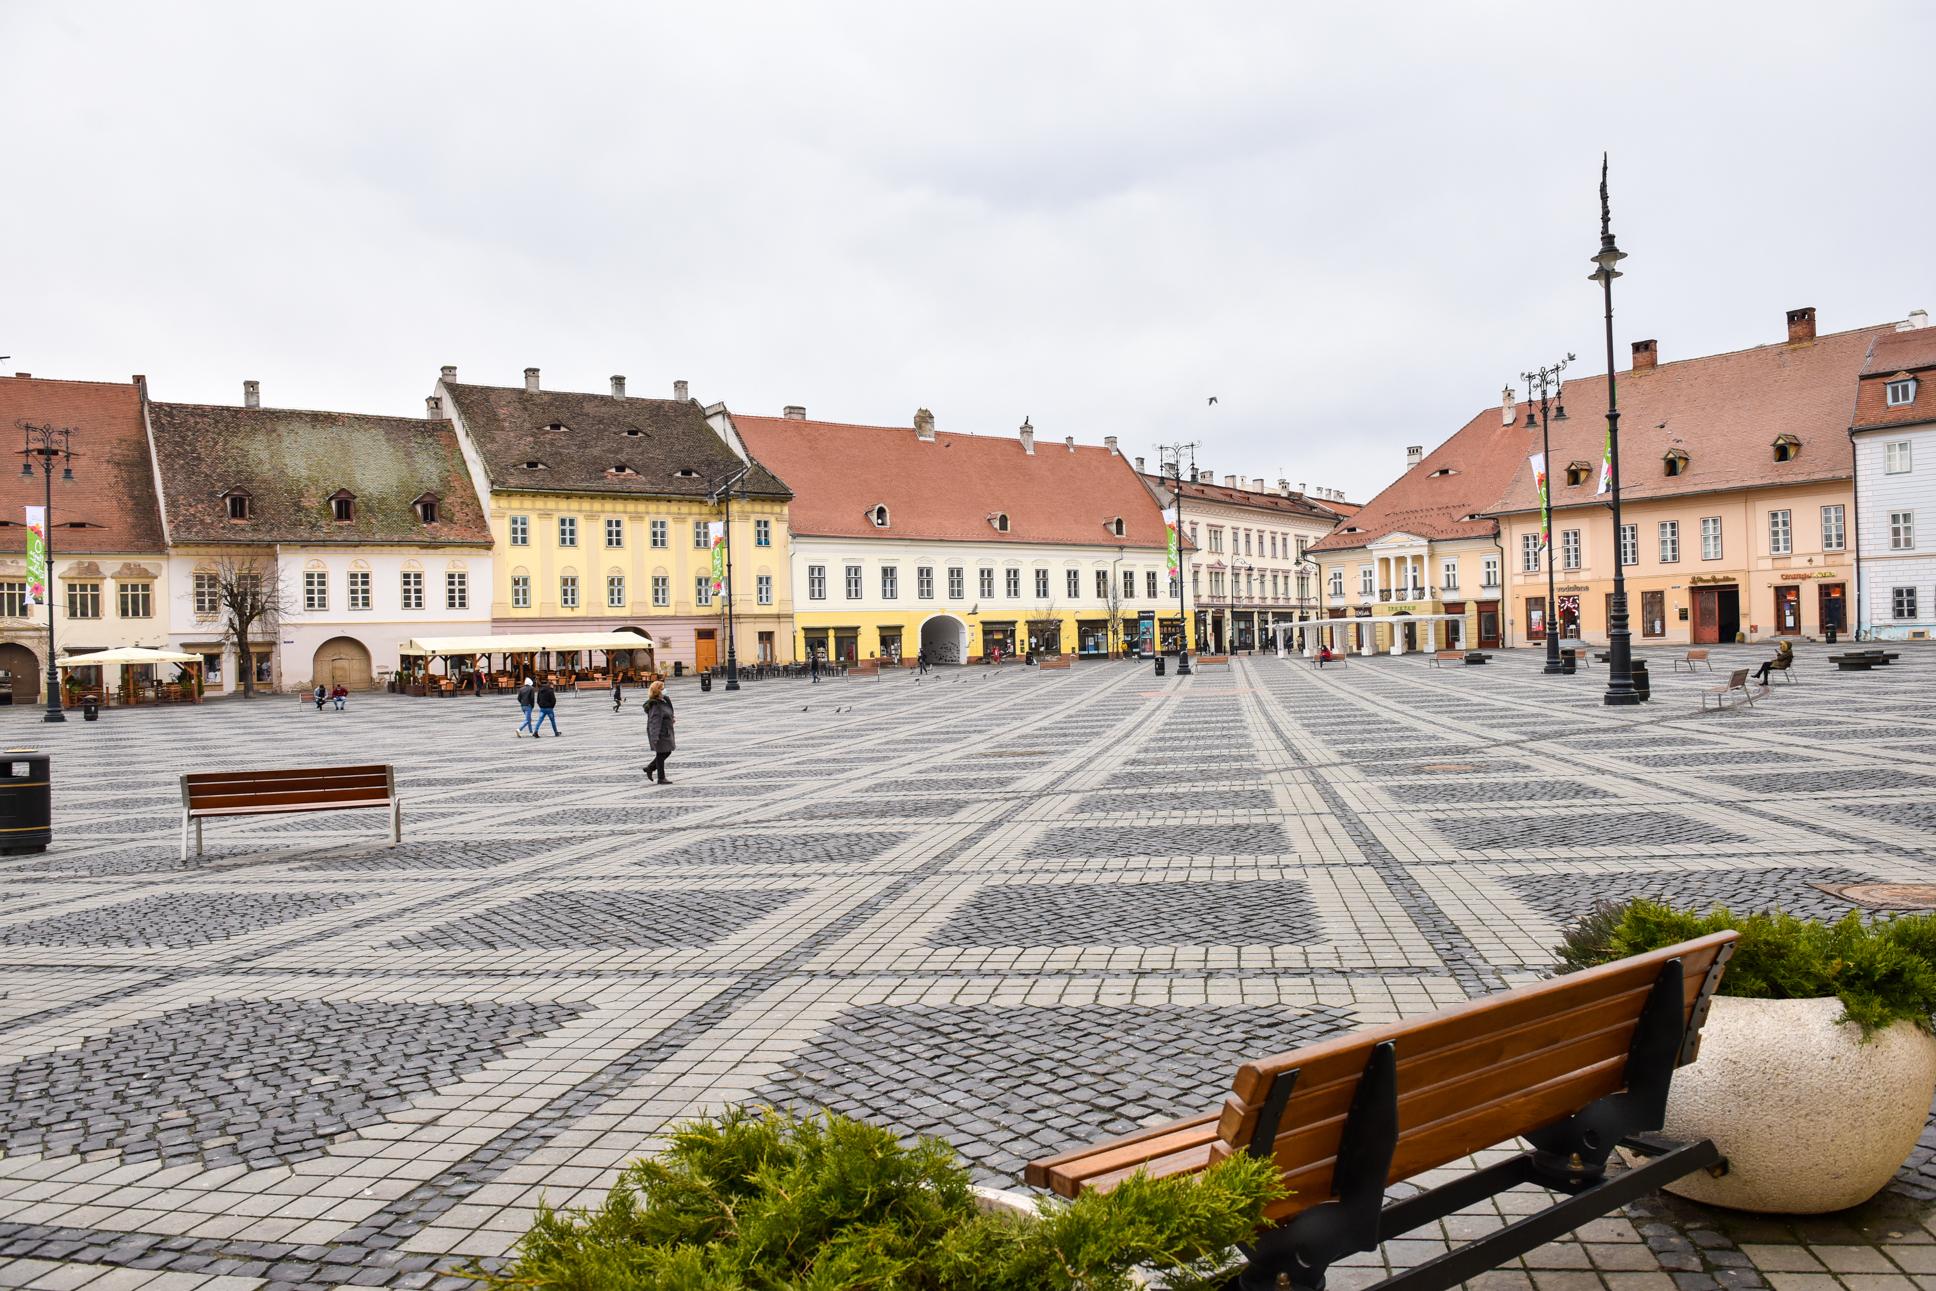 3,81 - rata de infectare crește în municipiul Sibiu, iar Șelimbărul trece de 4. Situația în localitățile județului